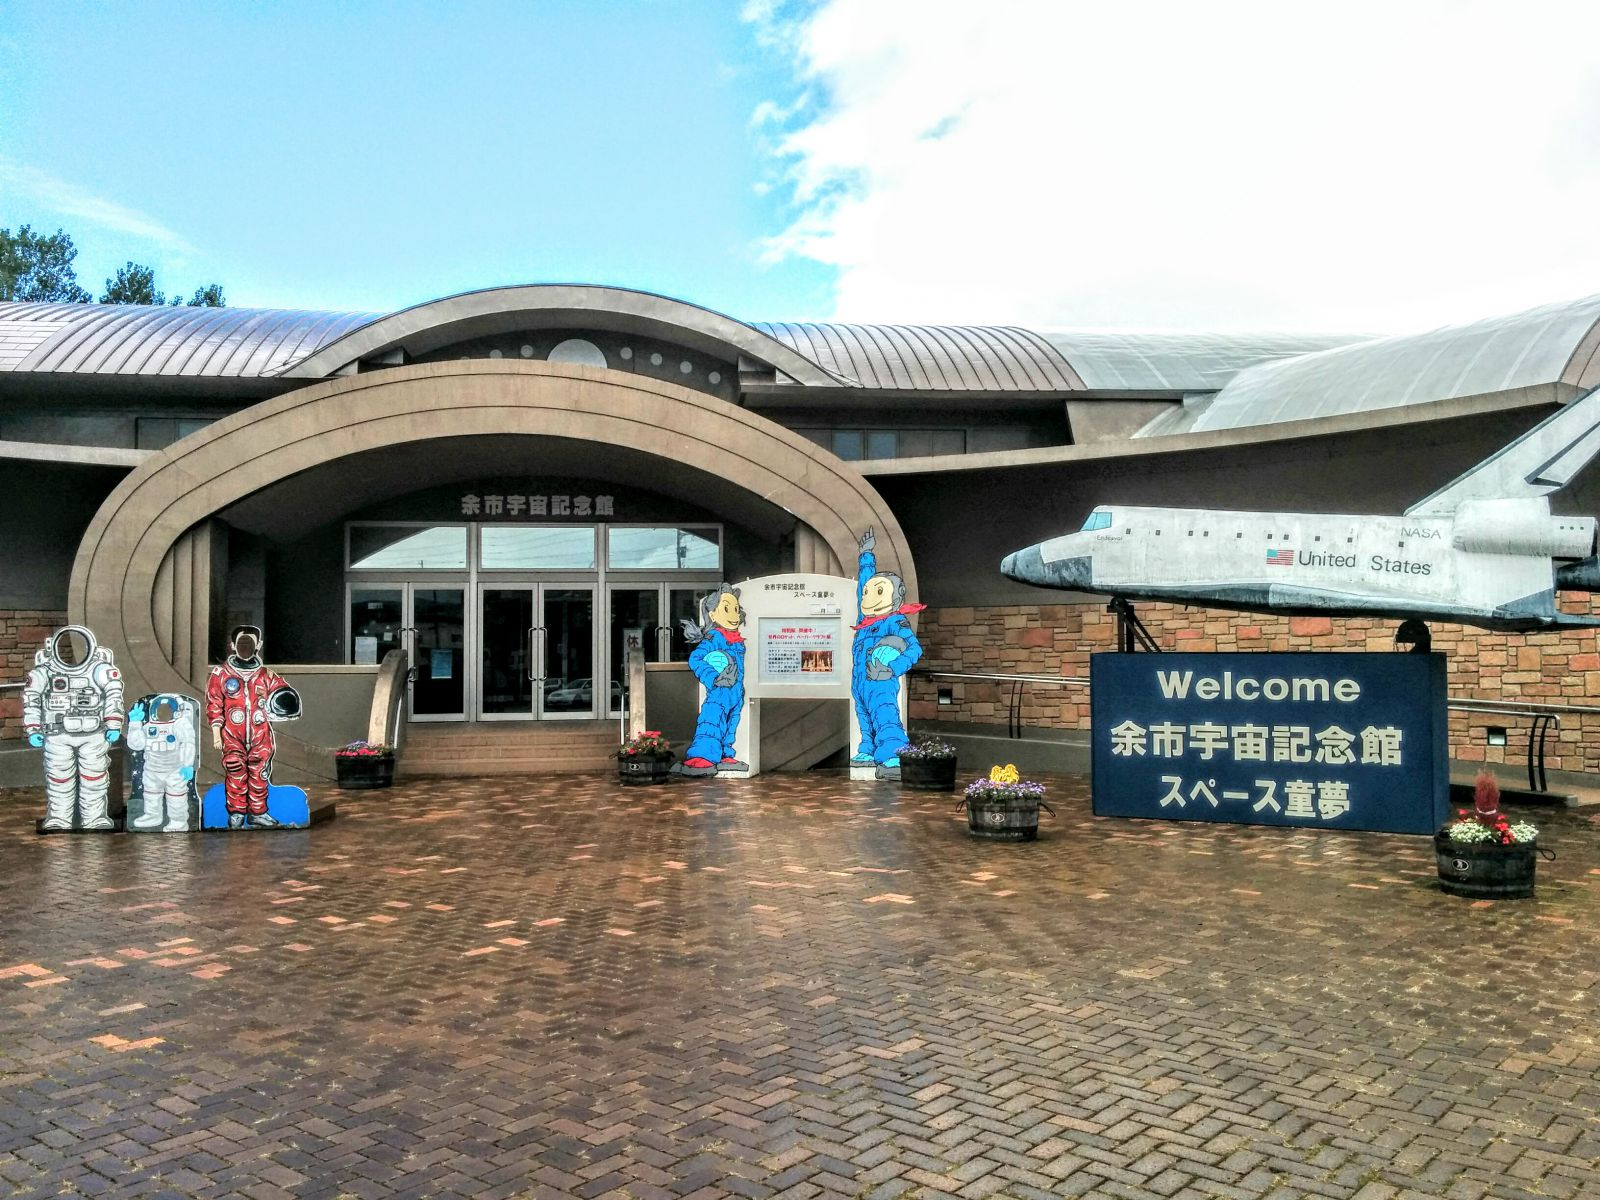 【余市町】余市ニッカウィスキー北海道工場周辺観光案内です。